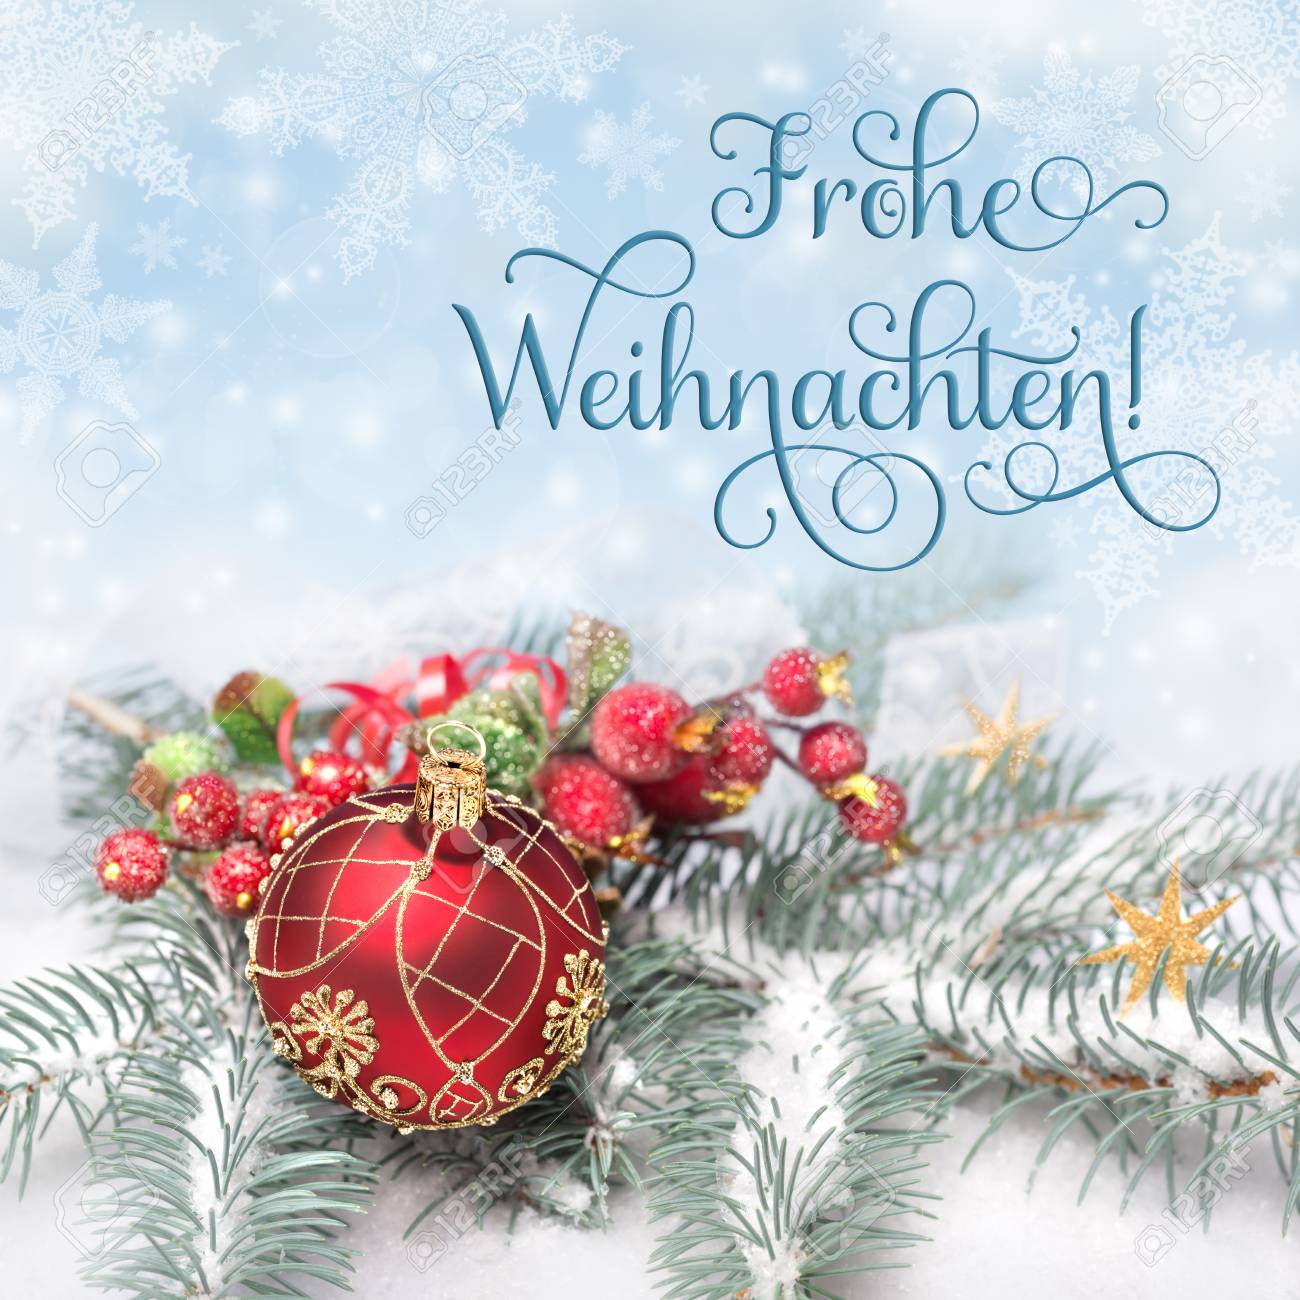 Weihnachtsgrüße Deutsch.Red Weihnachtsschmuck Auf Neutralem Hintergrund Winter Gruß Frohe Weihnachten Oder Merry Christmas Auf Deutsch